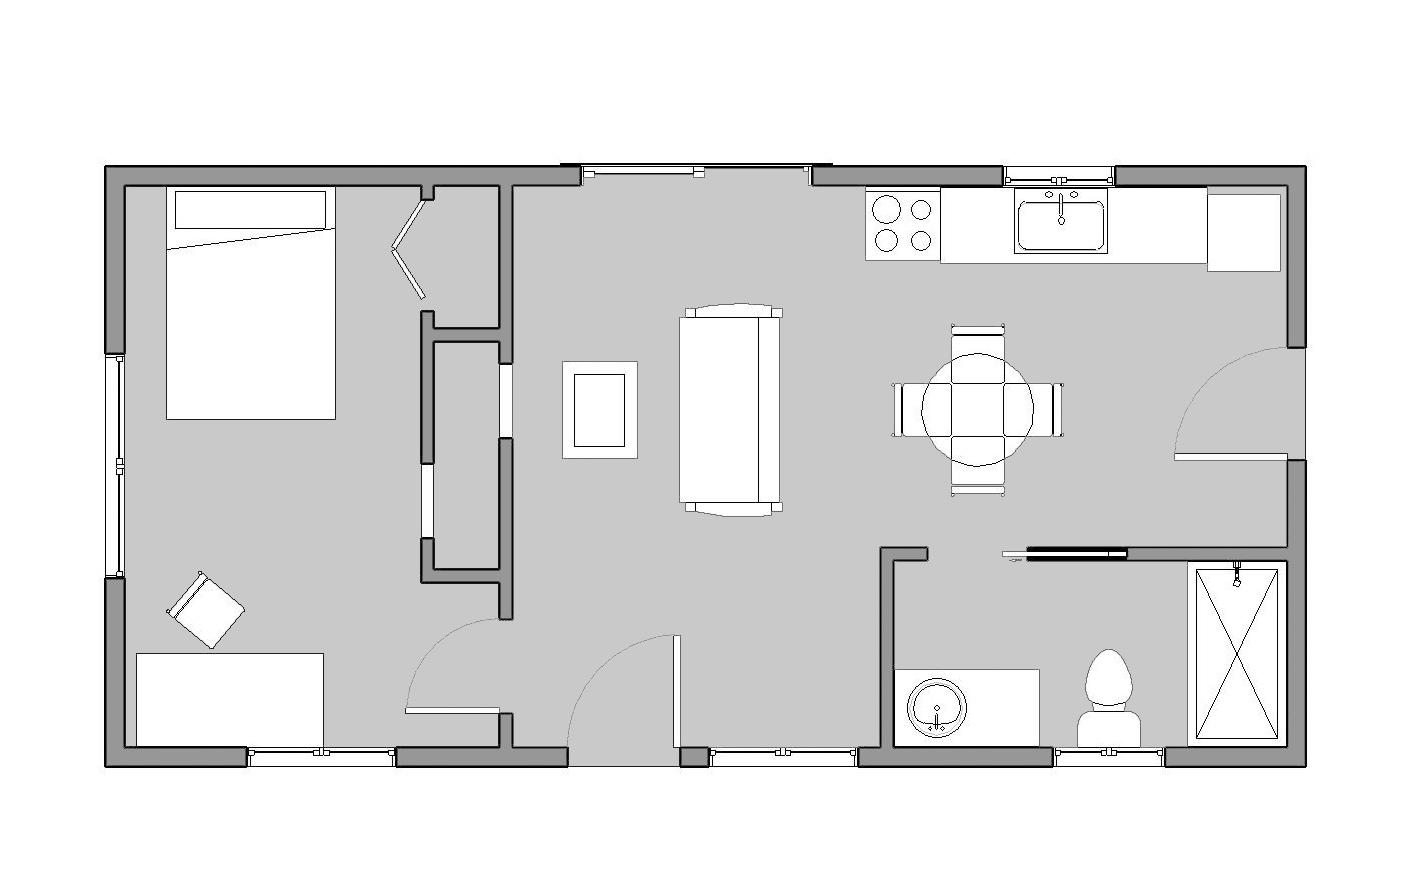 16' x 32' (1) - Sheet - A101 - Floor Plan.jpg